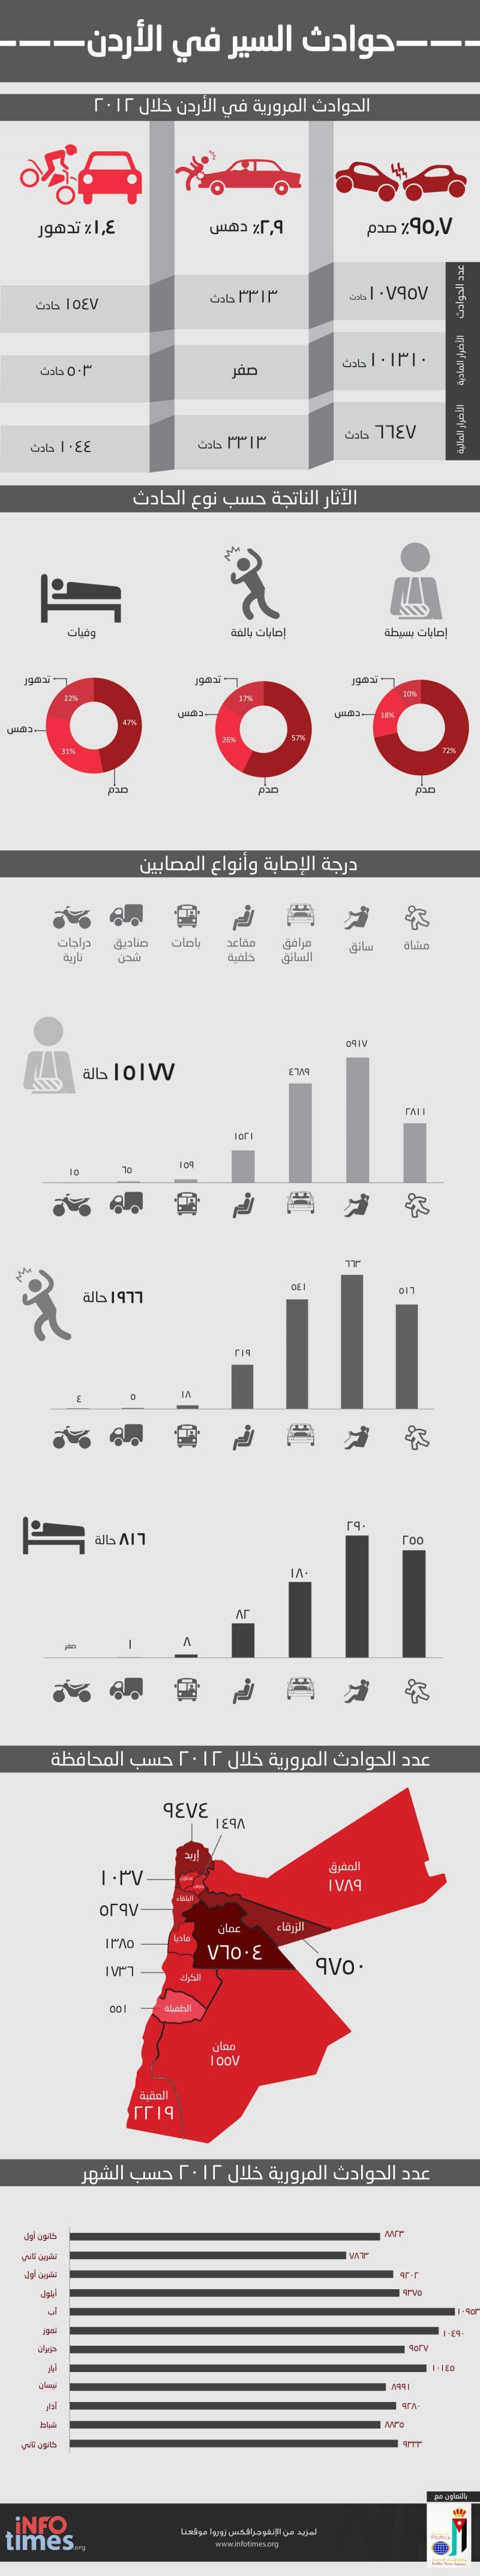 #انفوجرافيك حوادث السير في الأردن 2012